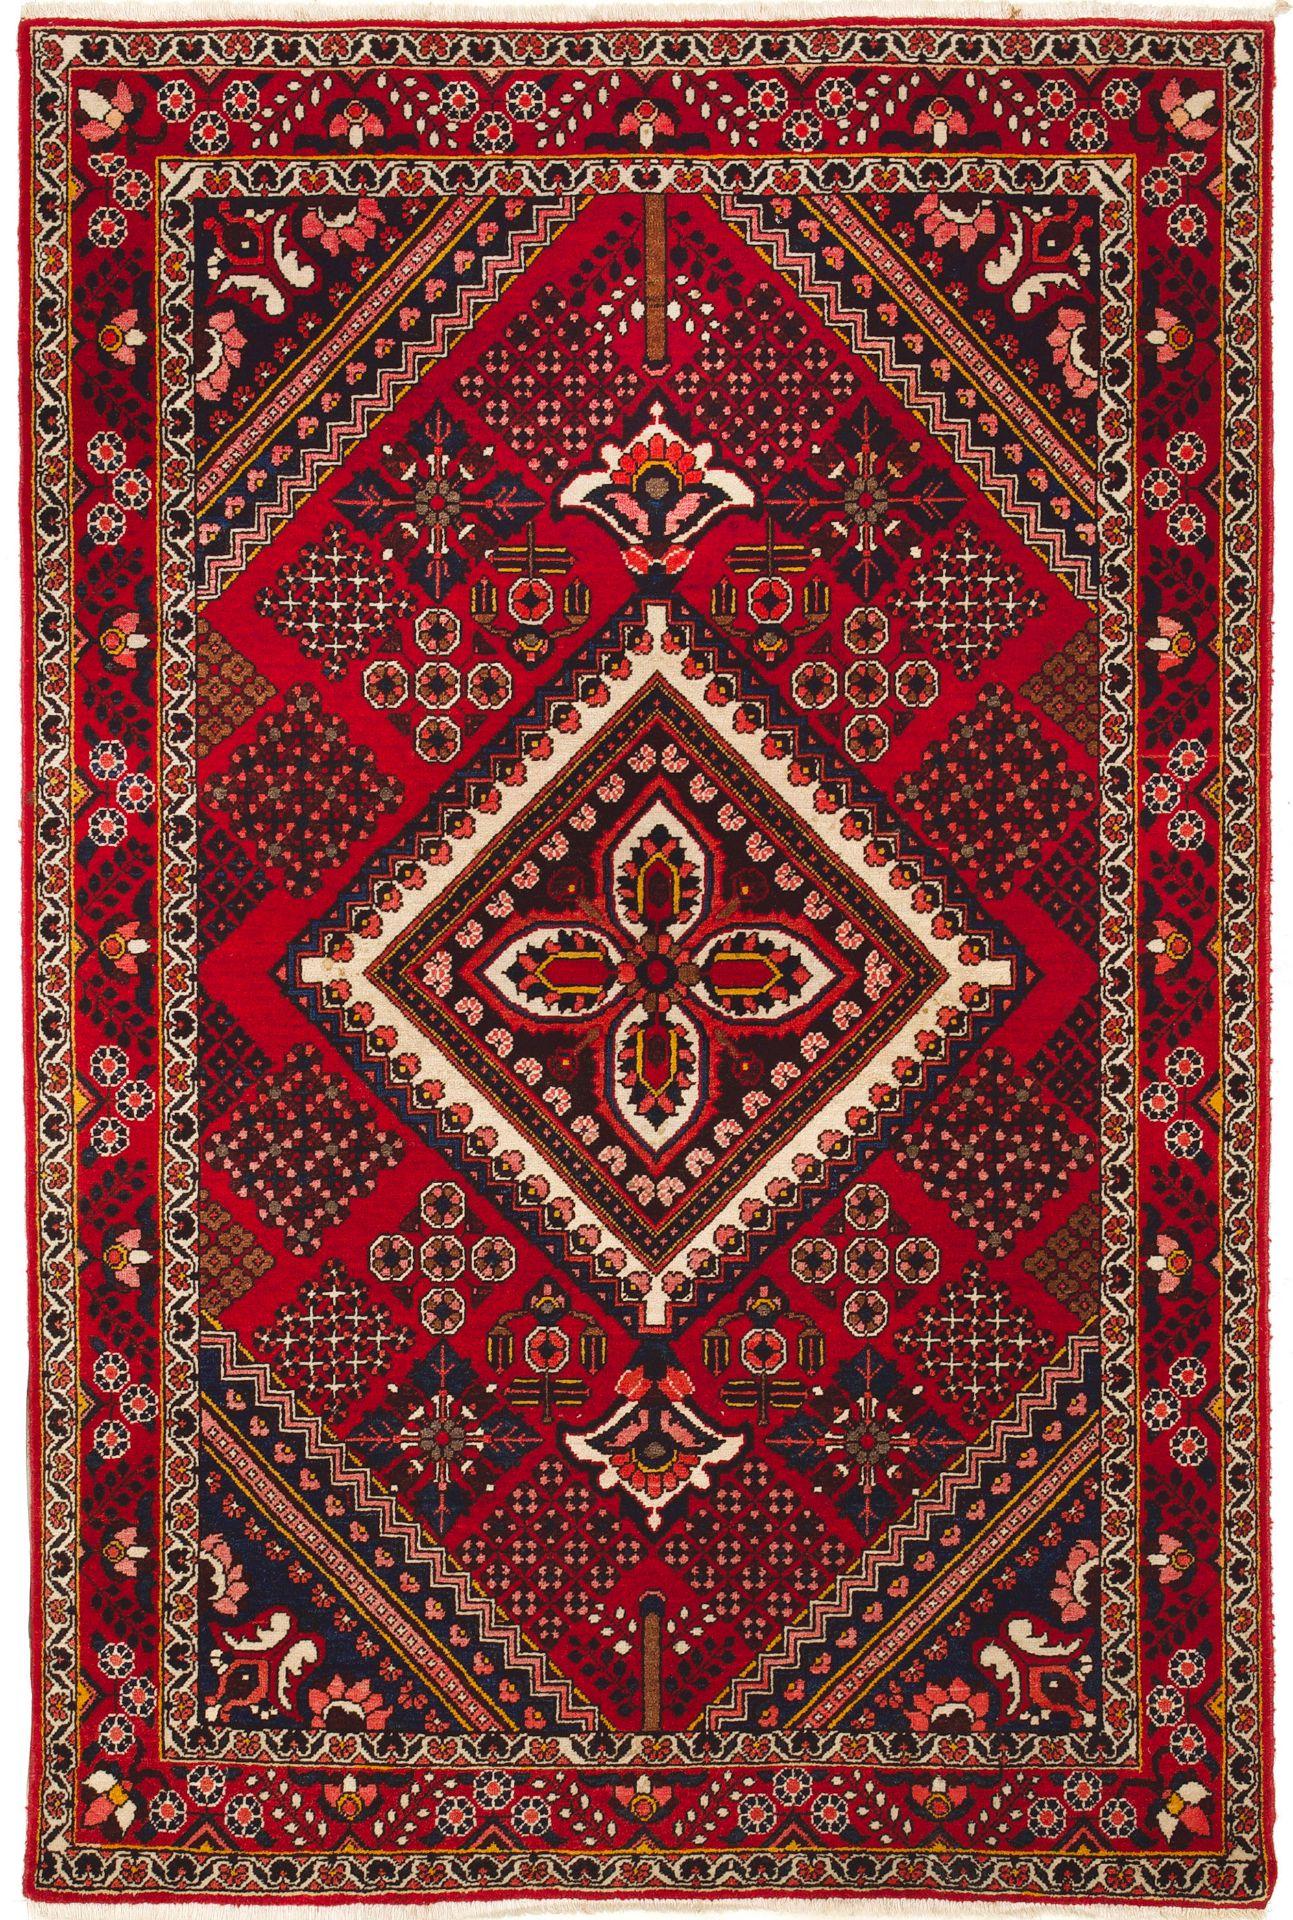 Kleiner Bachtiar-Teppich